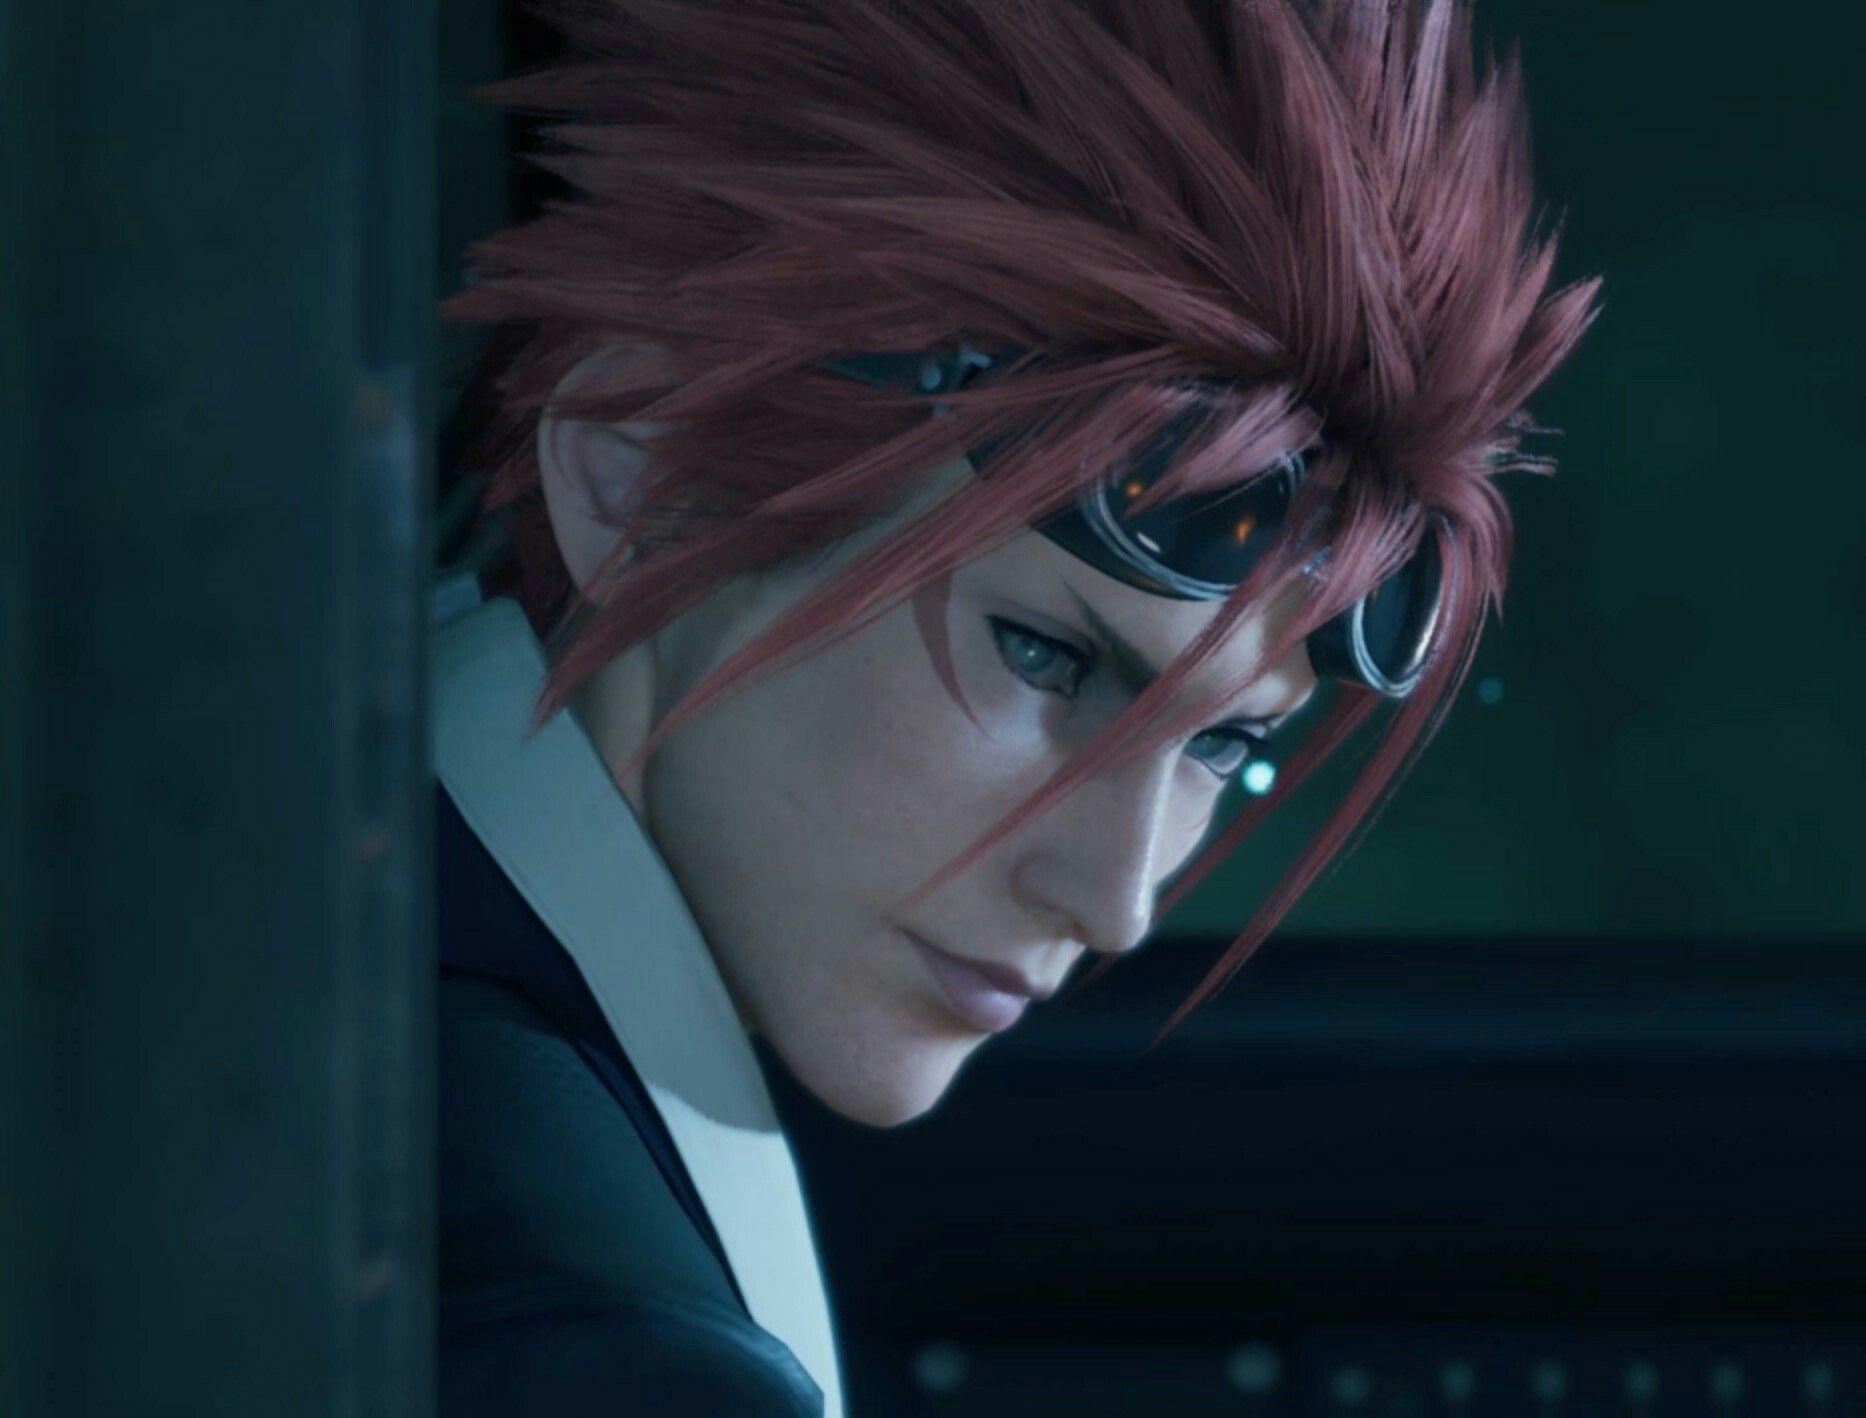 Final Fantasy Vii Remake Reno Reno Final Fantasy Final Fantasy Vii Remake Final Fantasy